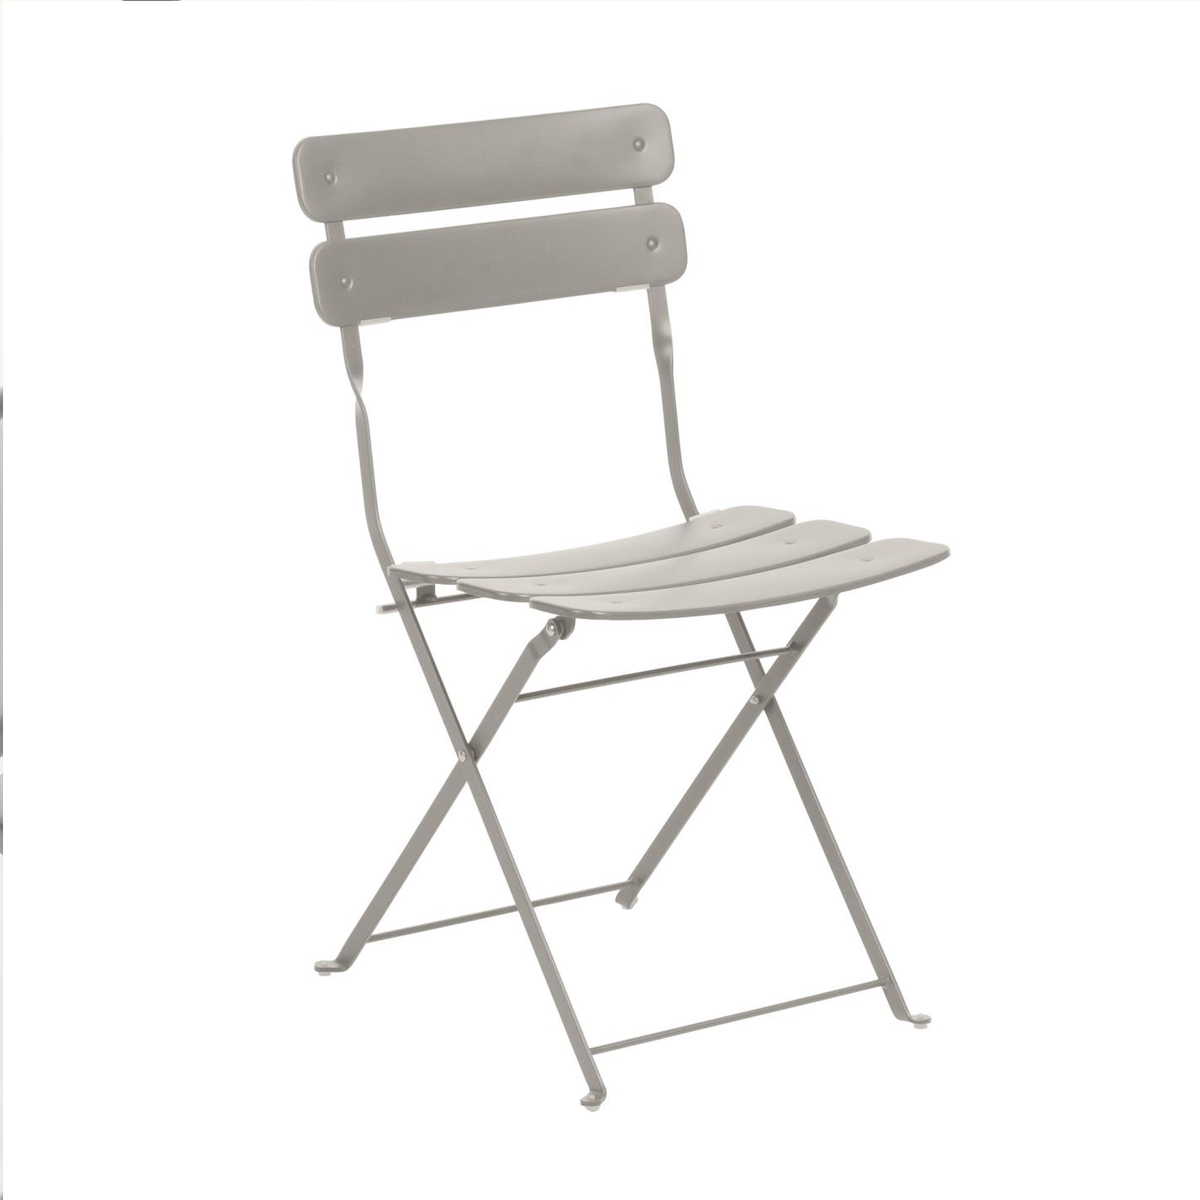 Chaise square en acier peint - Taupe - 81 x 49 cm